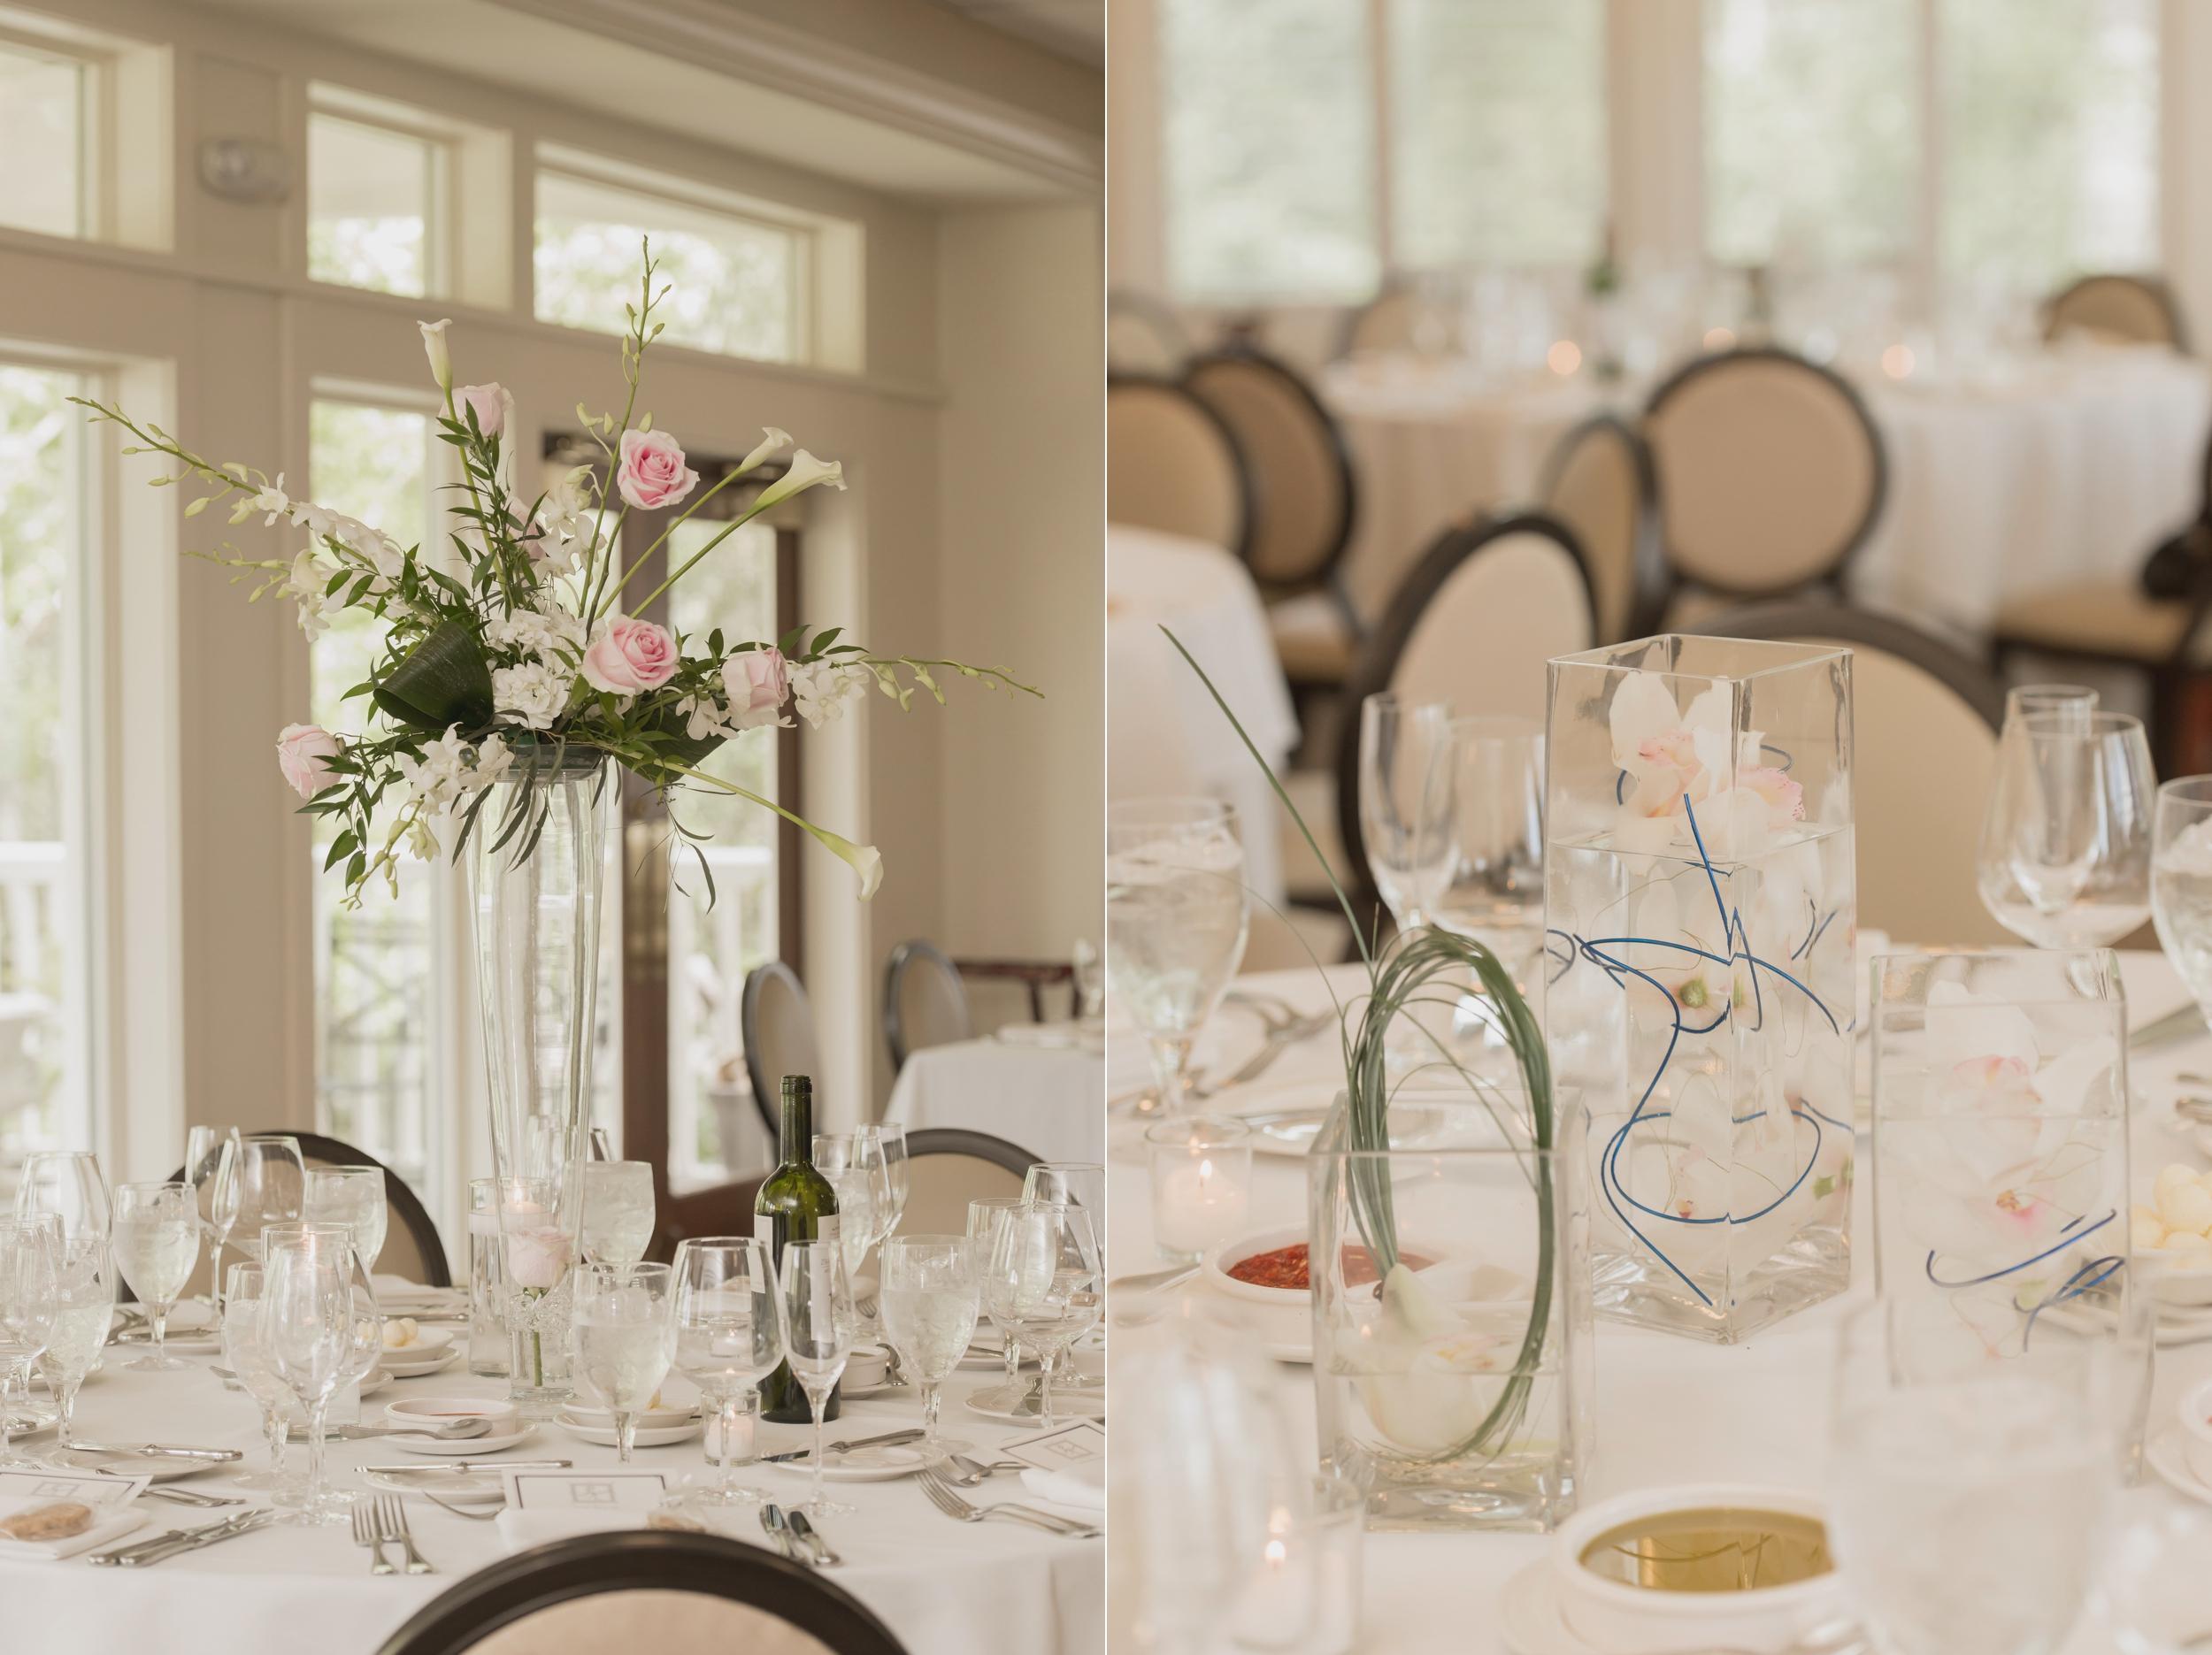 silverado-resort-napa-wine-country-wedding-46_WEB.jpg